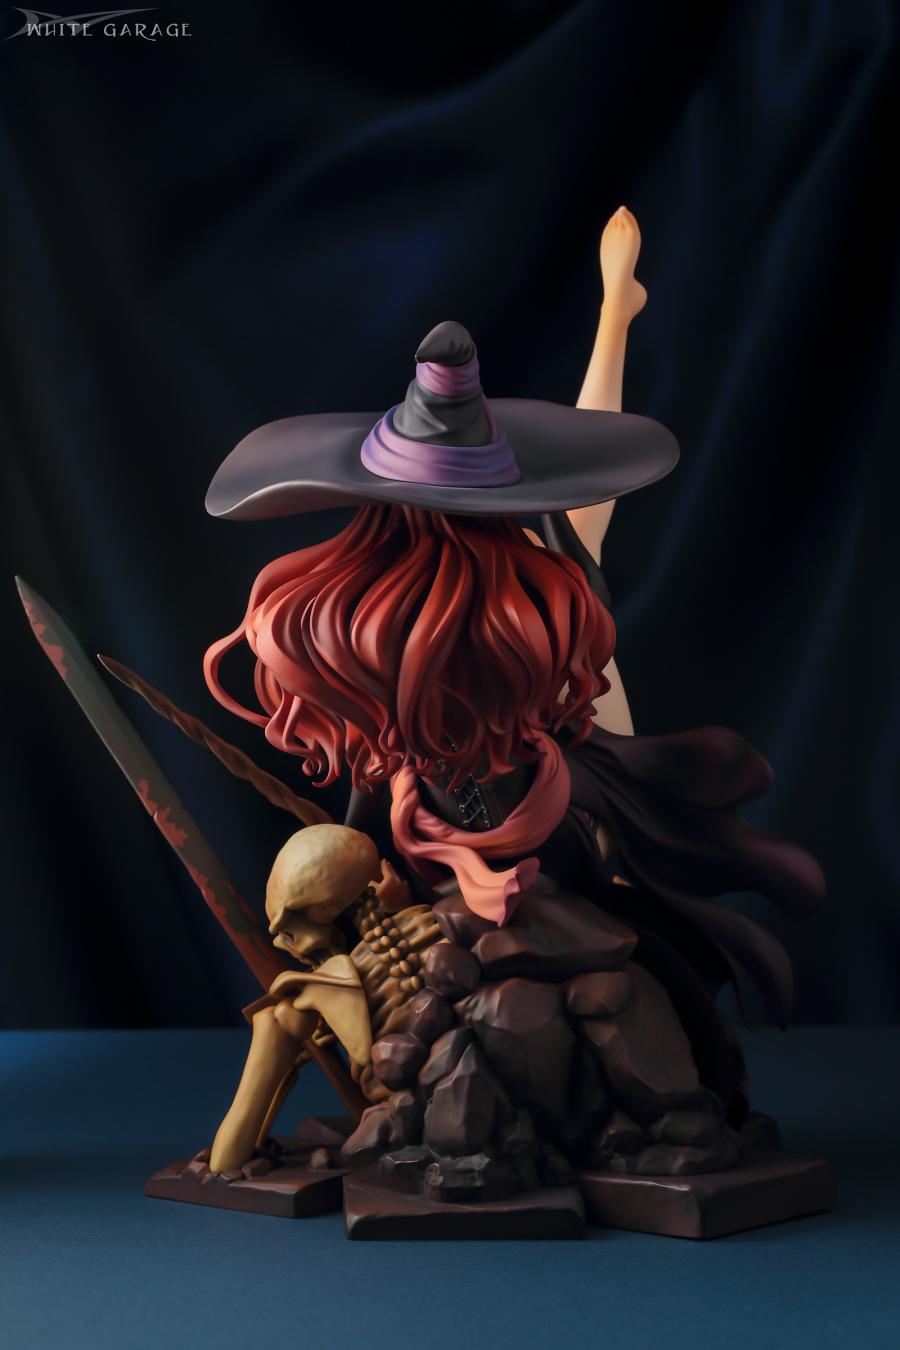 sorceress011